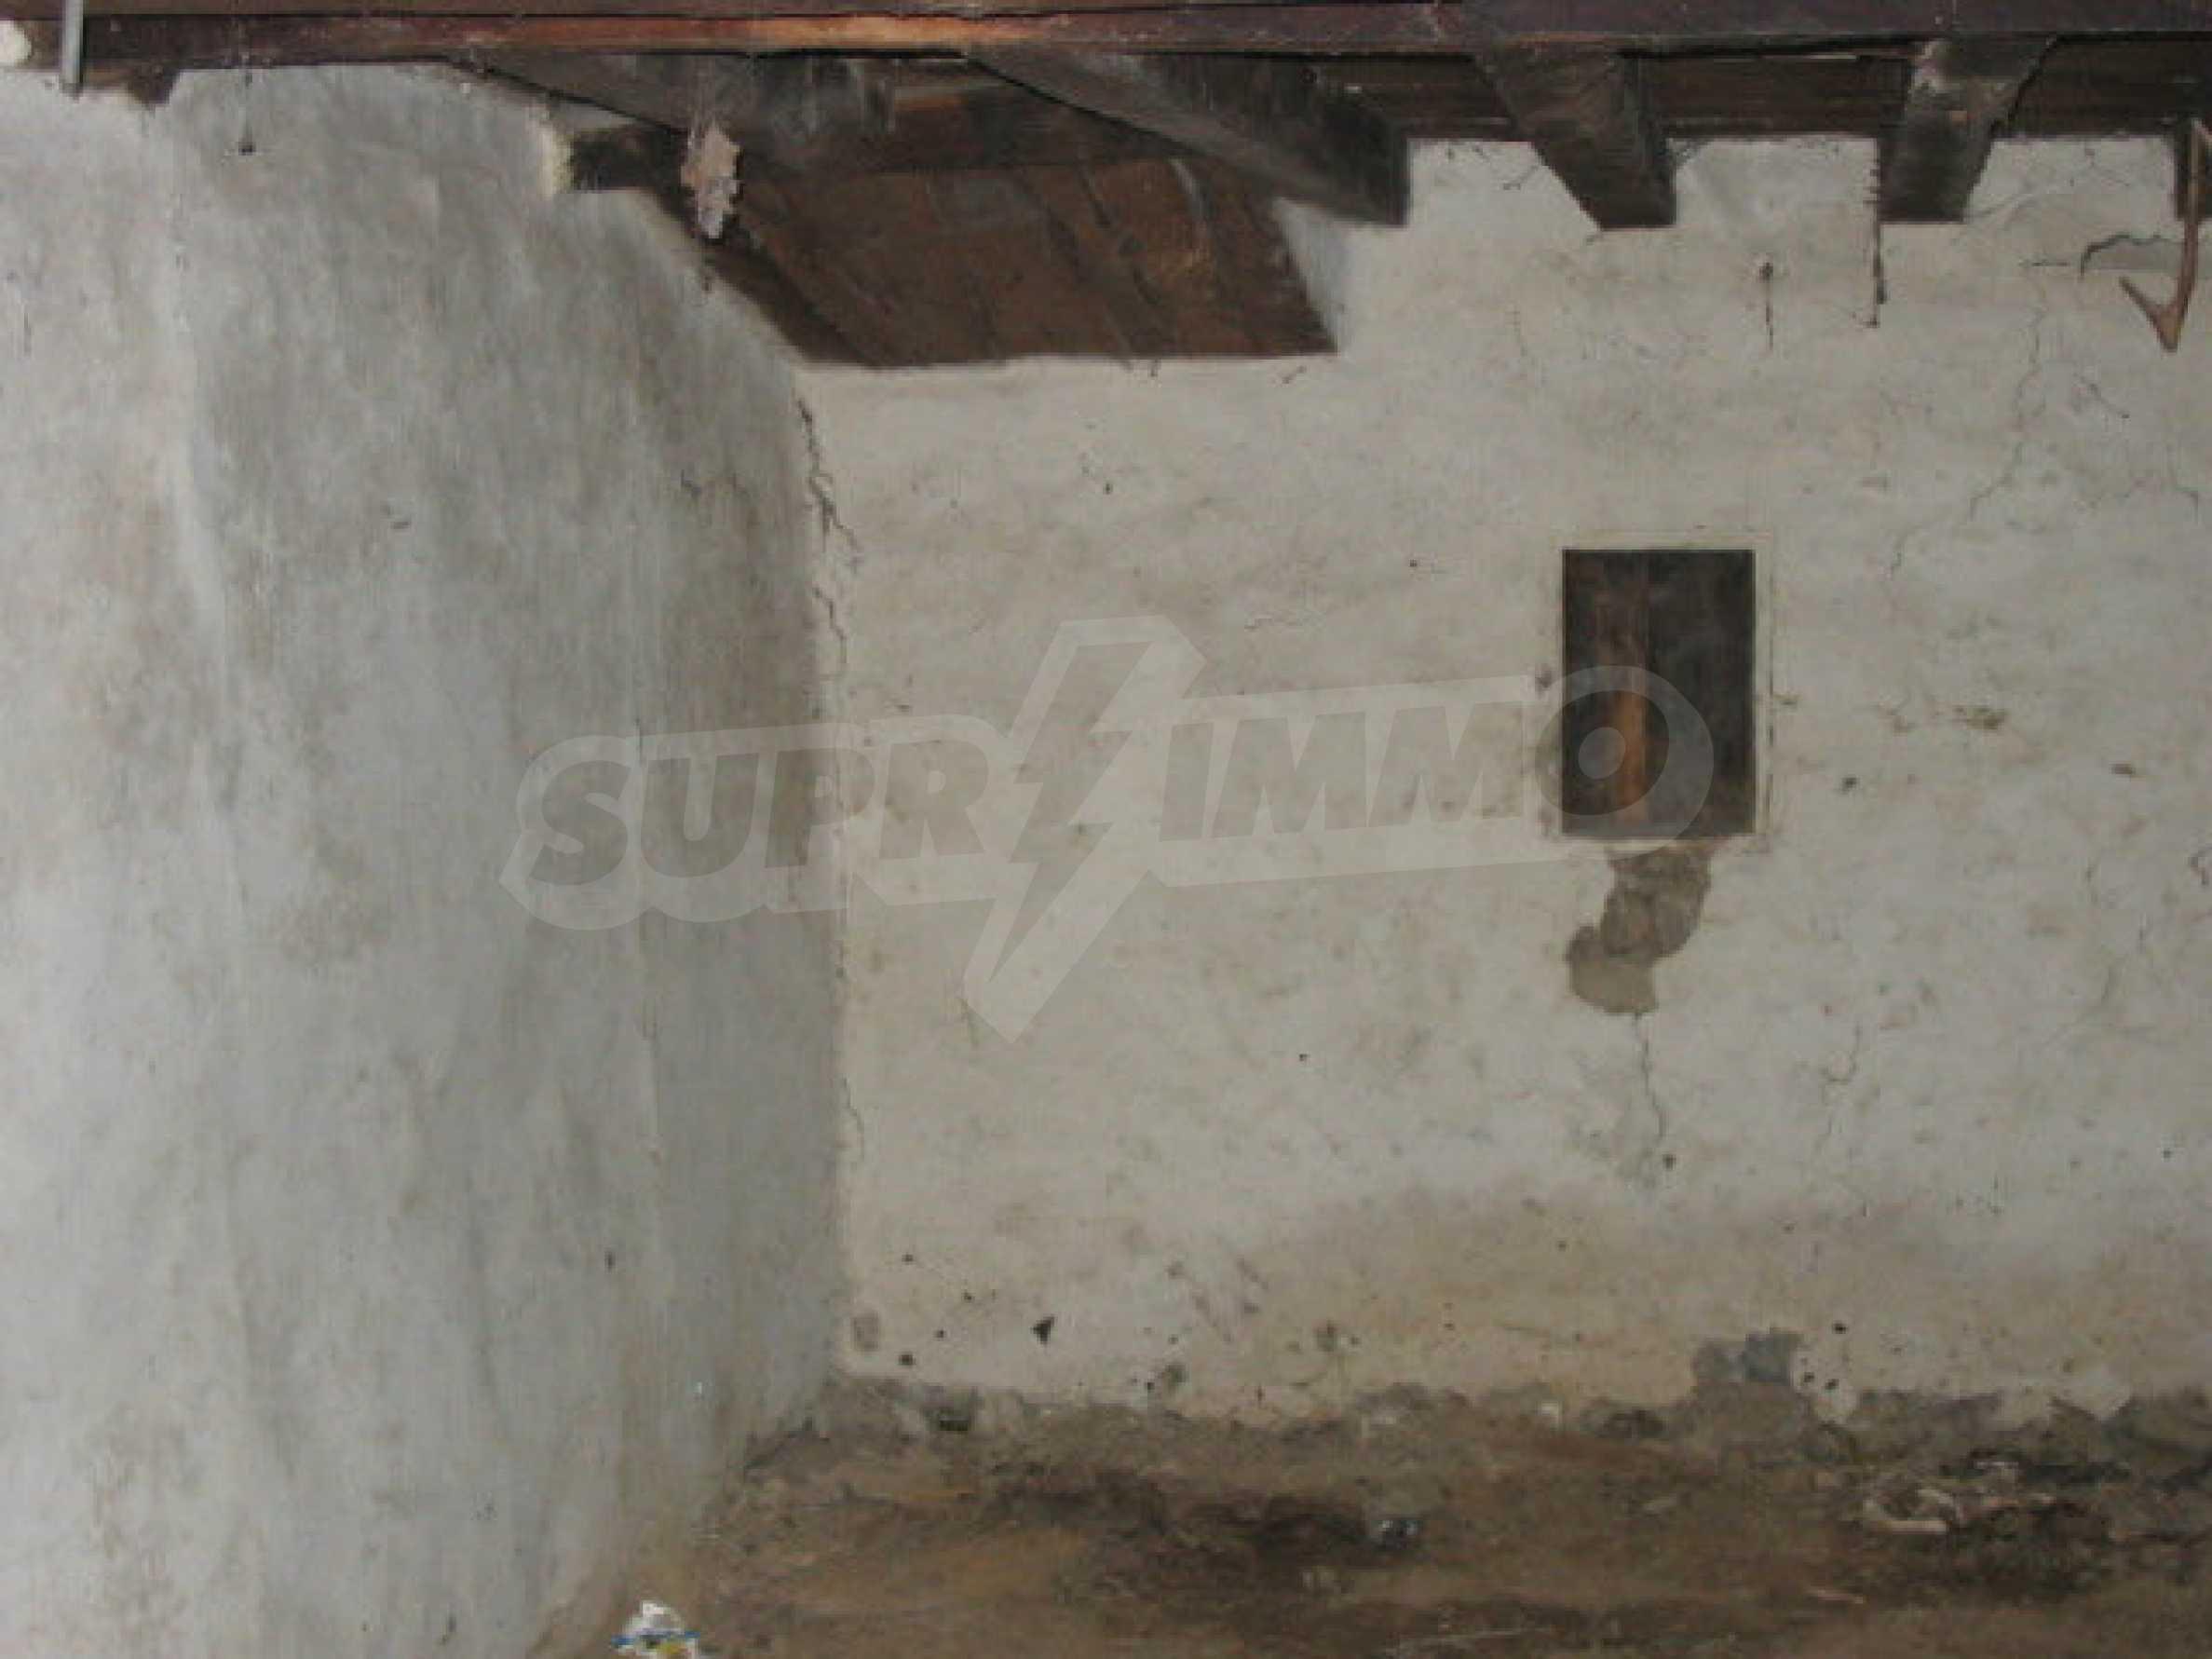 Двухэатжный дом, выстроенный в традиционном болгарском стиле 4